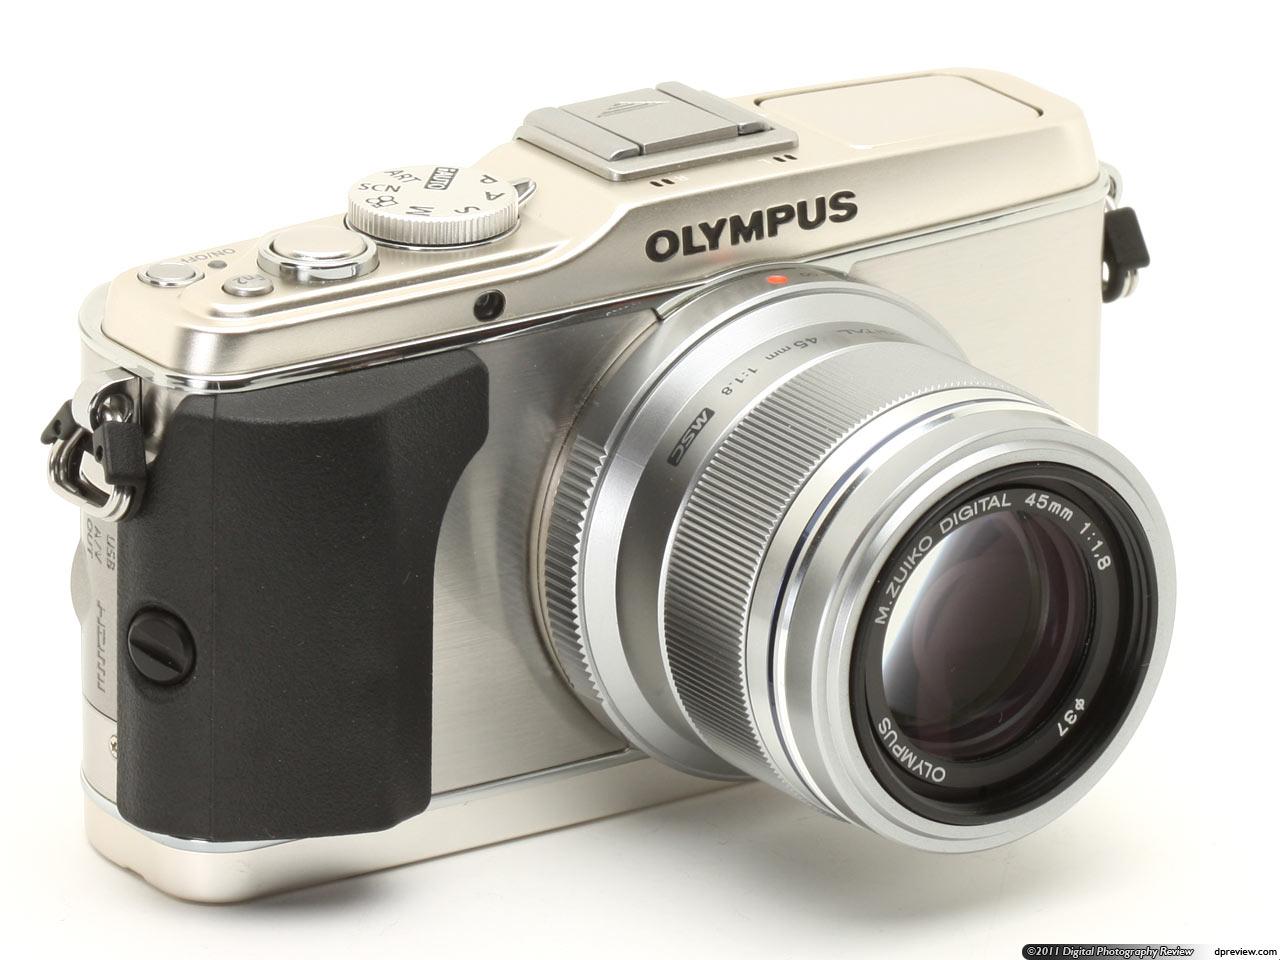 olympus pen e p3 in depth review digital photography review rh dpreview com Olympus E P5 olympus pen e-p3 user manual pdf